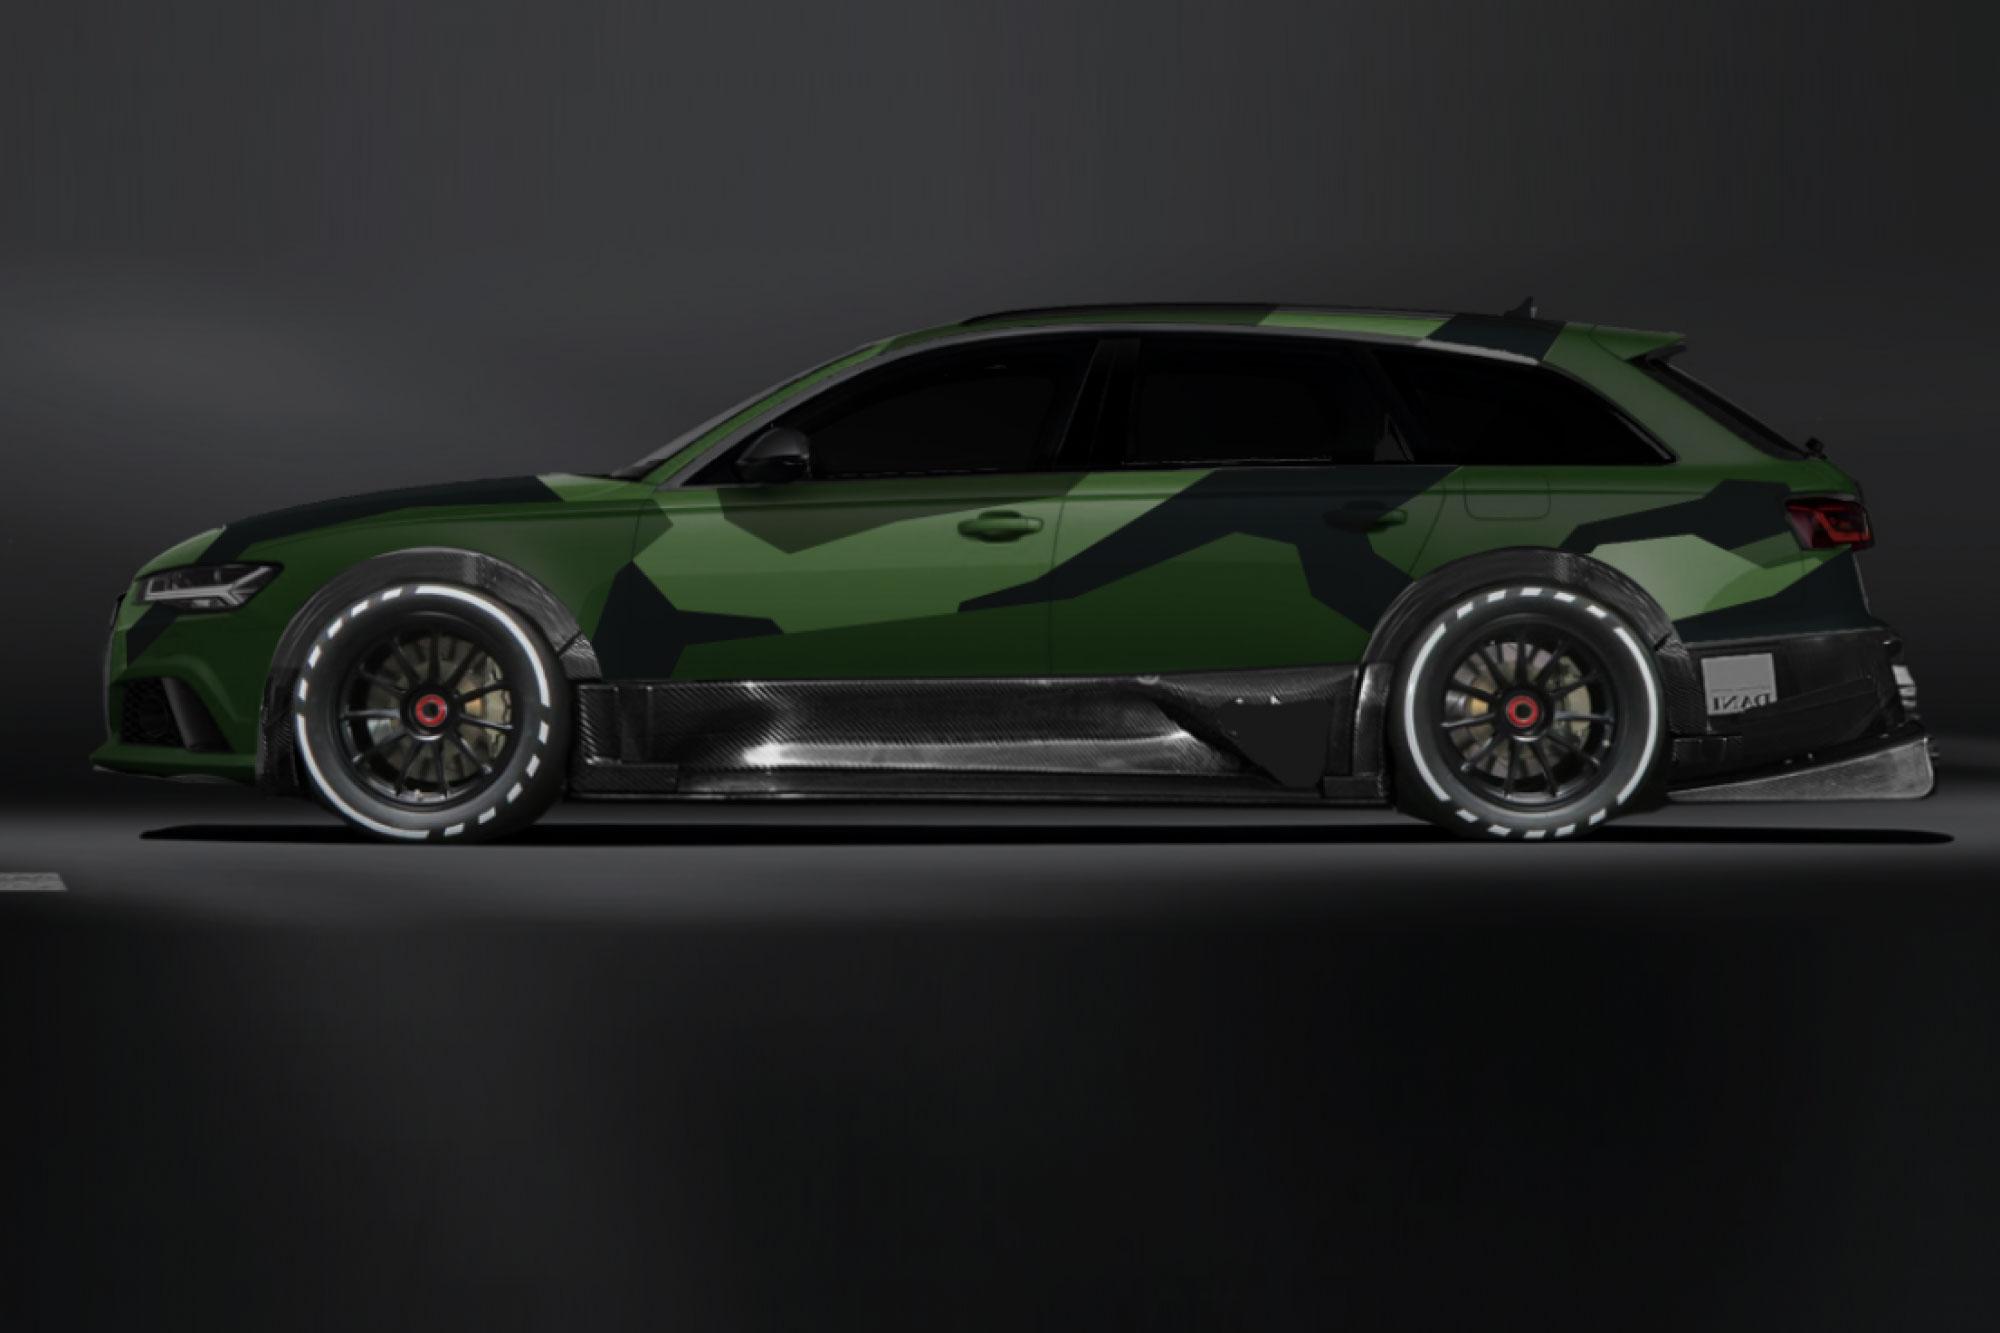 Ski Com Cars For Sale